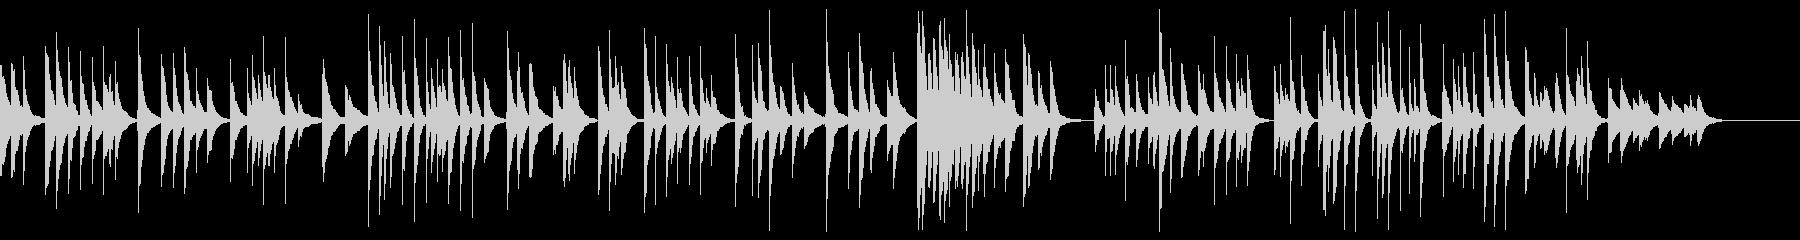 箏 ソロ 伝統的な和風曲の未再生の波形